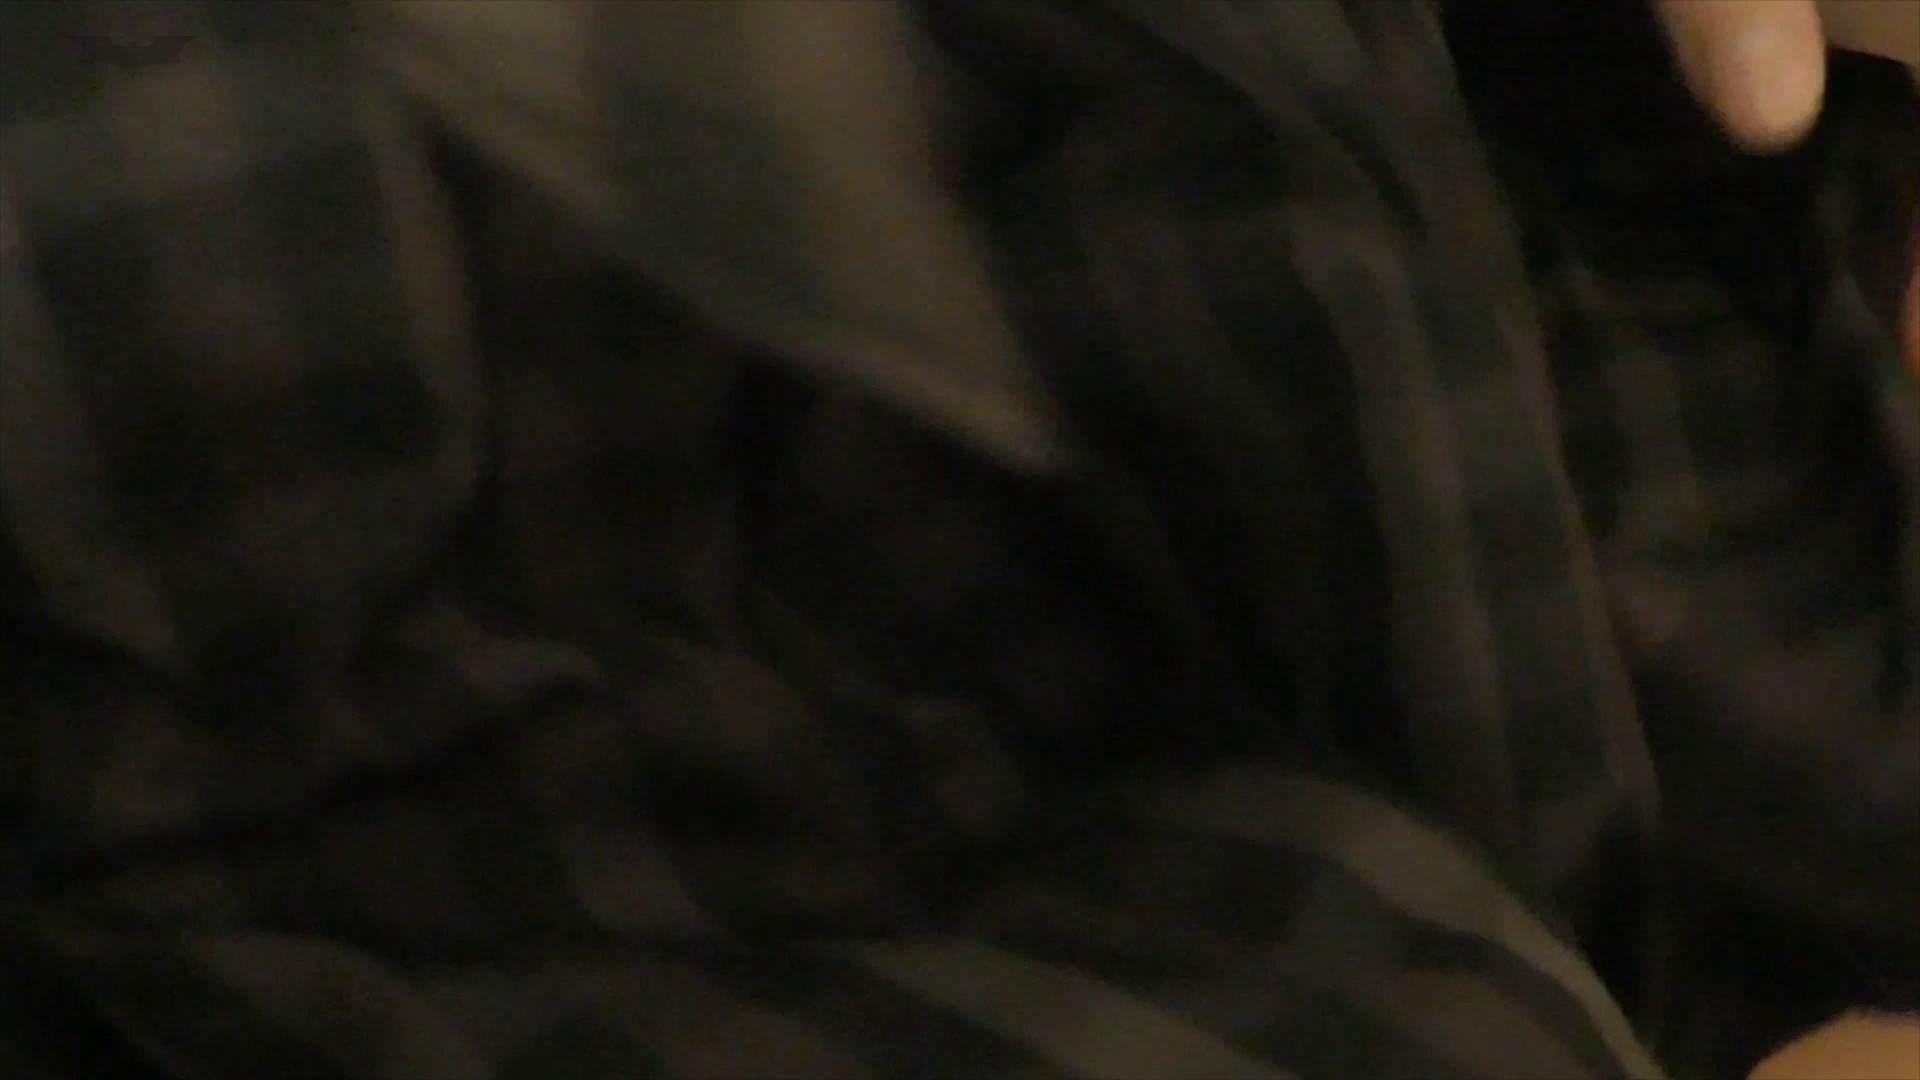 悪戯ネットカフェ Vol15 後篇 タンポン抜いてちんぽん入れてみました。 細身体型 ヌード画像 102枚 61